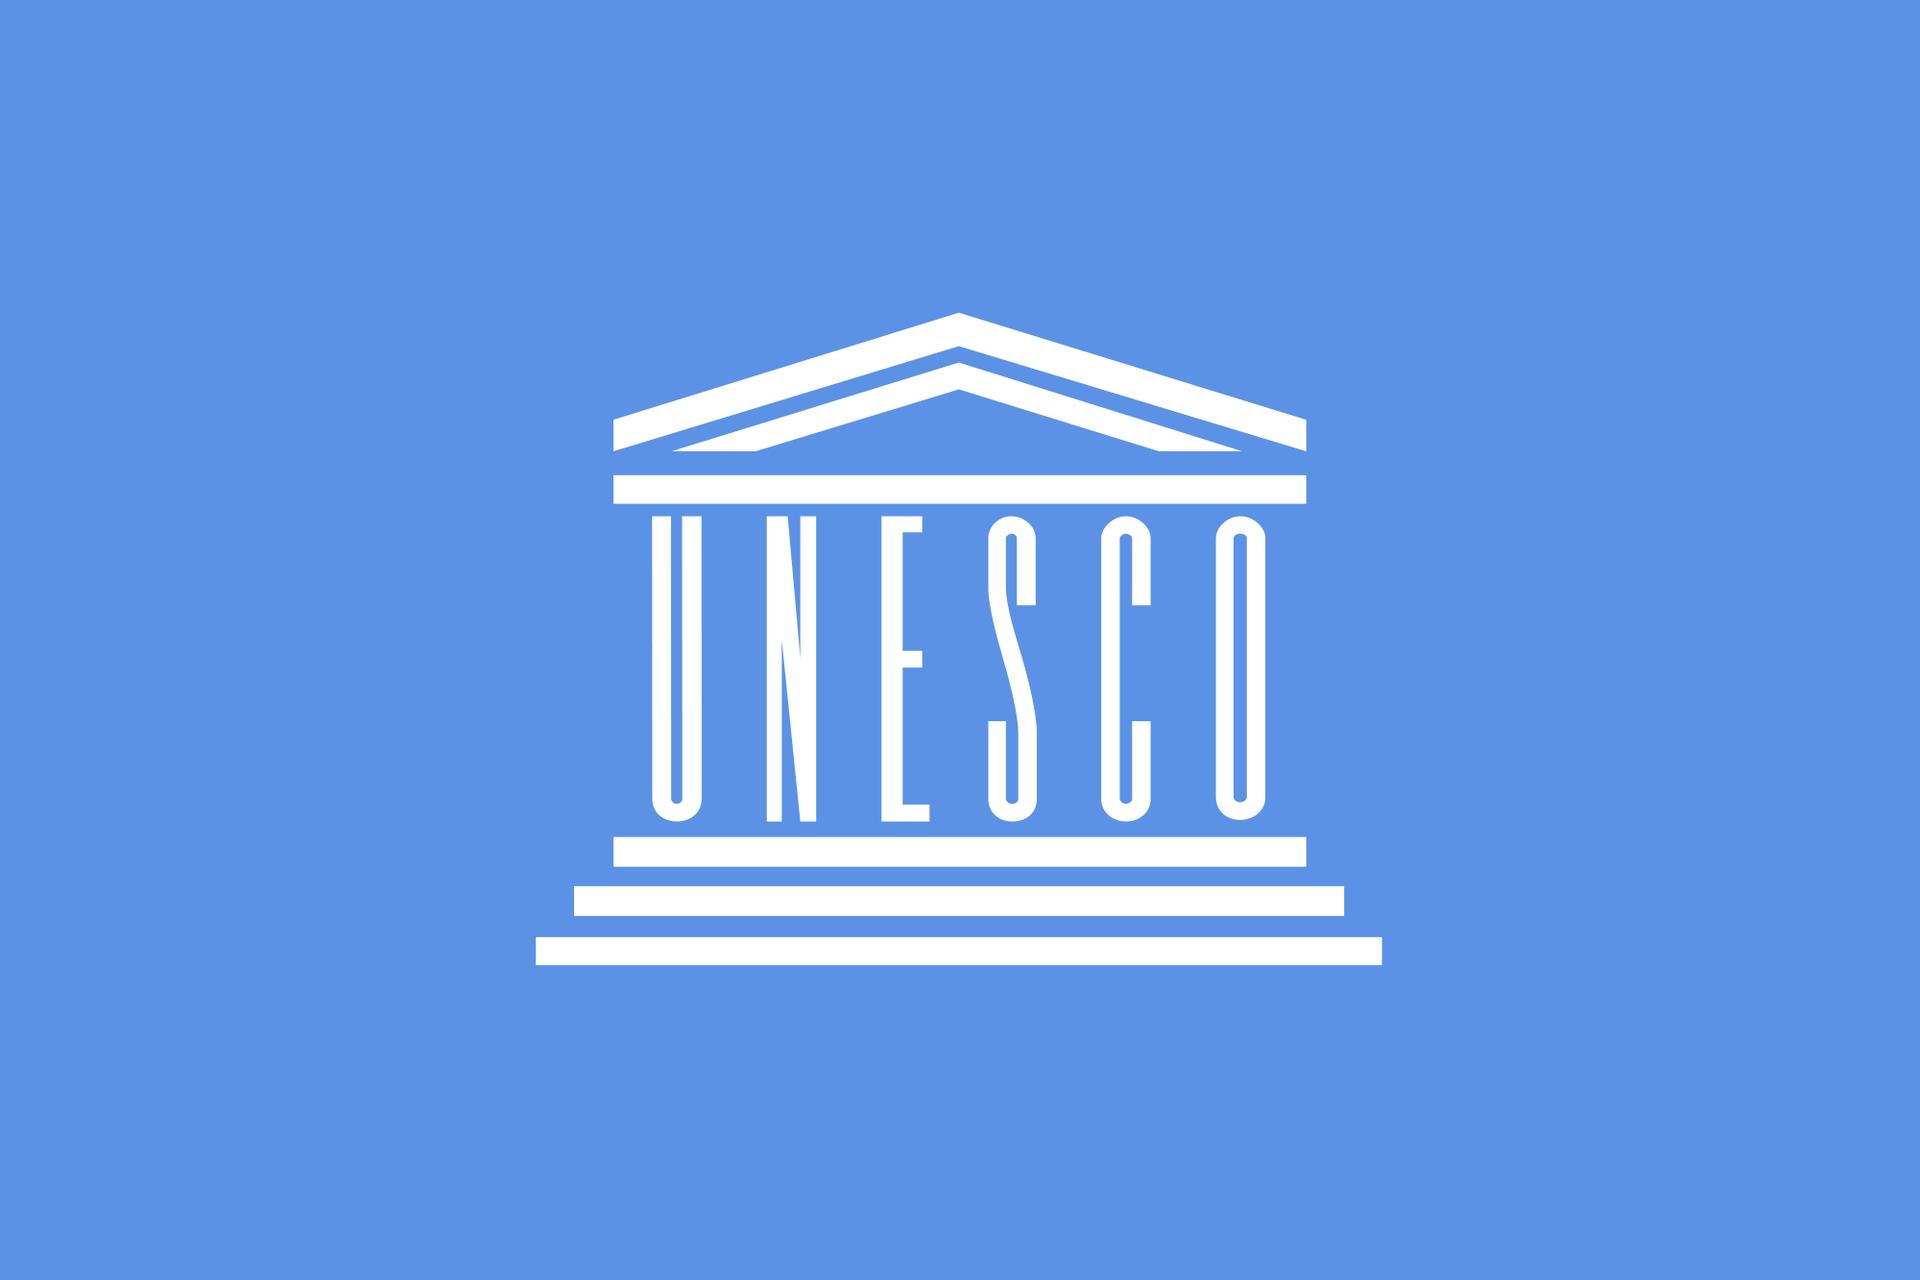 Ilustracja przedstawia białe logo organizacji UNESCO na błękitnym tle. Logo wkształcie budynku. Górna część to spadzisty trójkątny dach wsparty na białej poziomej linii. Poniżej pionowo ustawione litery UNESCO. Litery tworzą kolumny budynku. Poniżej liter trzy poziome białe linie. Każda linia poniżej jest nieco dłuższa od poprzedniej. Linie to schody prowadzące do budynku.